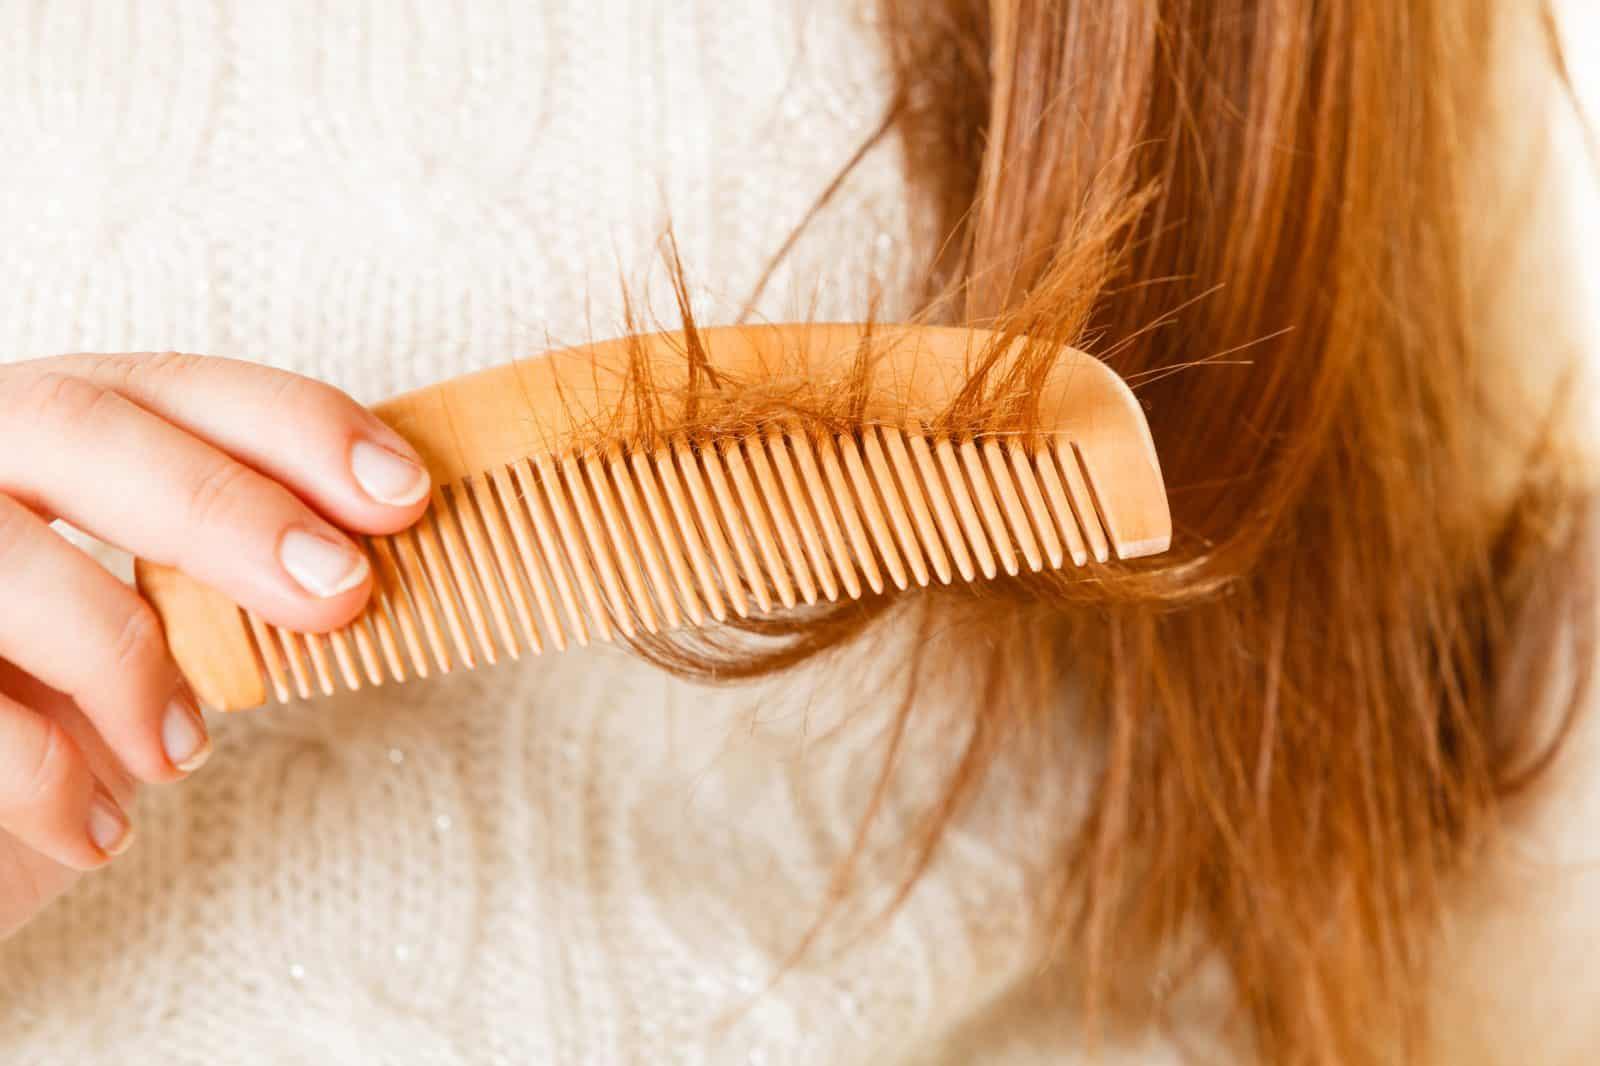 ۶ دلیل تغییر بافت و رنگ مو